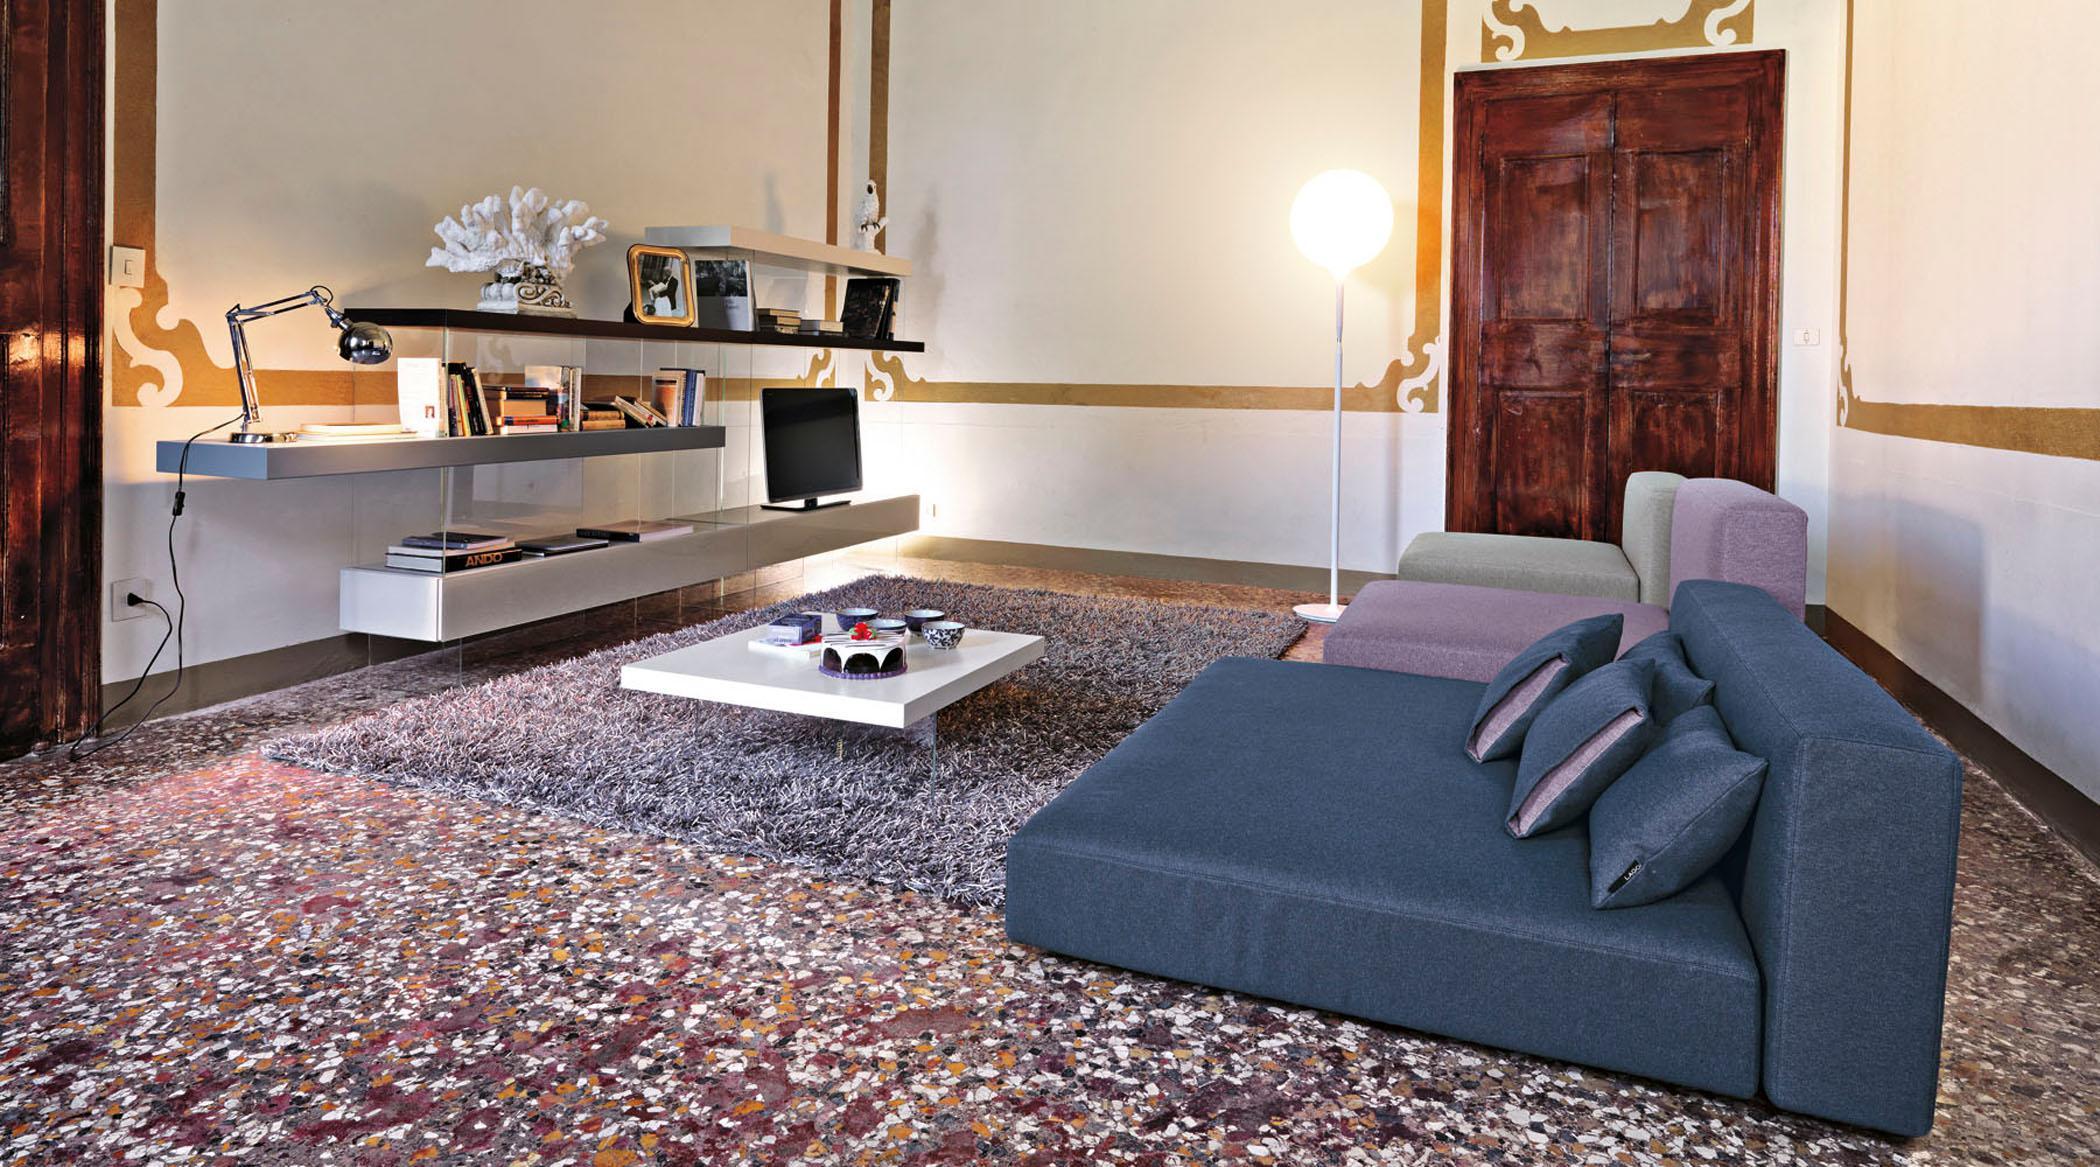 Wandgestaltung Im Wohnzimmer Couchtisch Regal Teppich Sofa Grauessofa